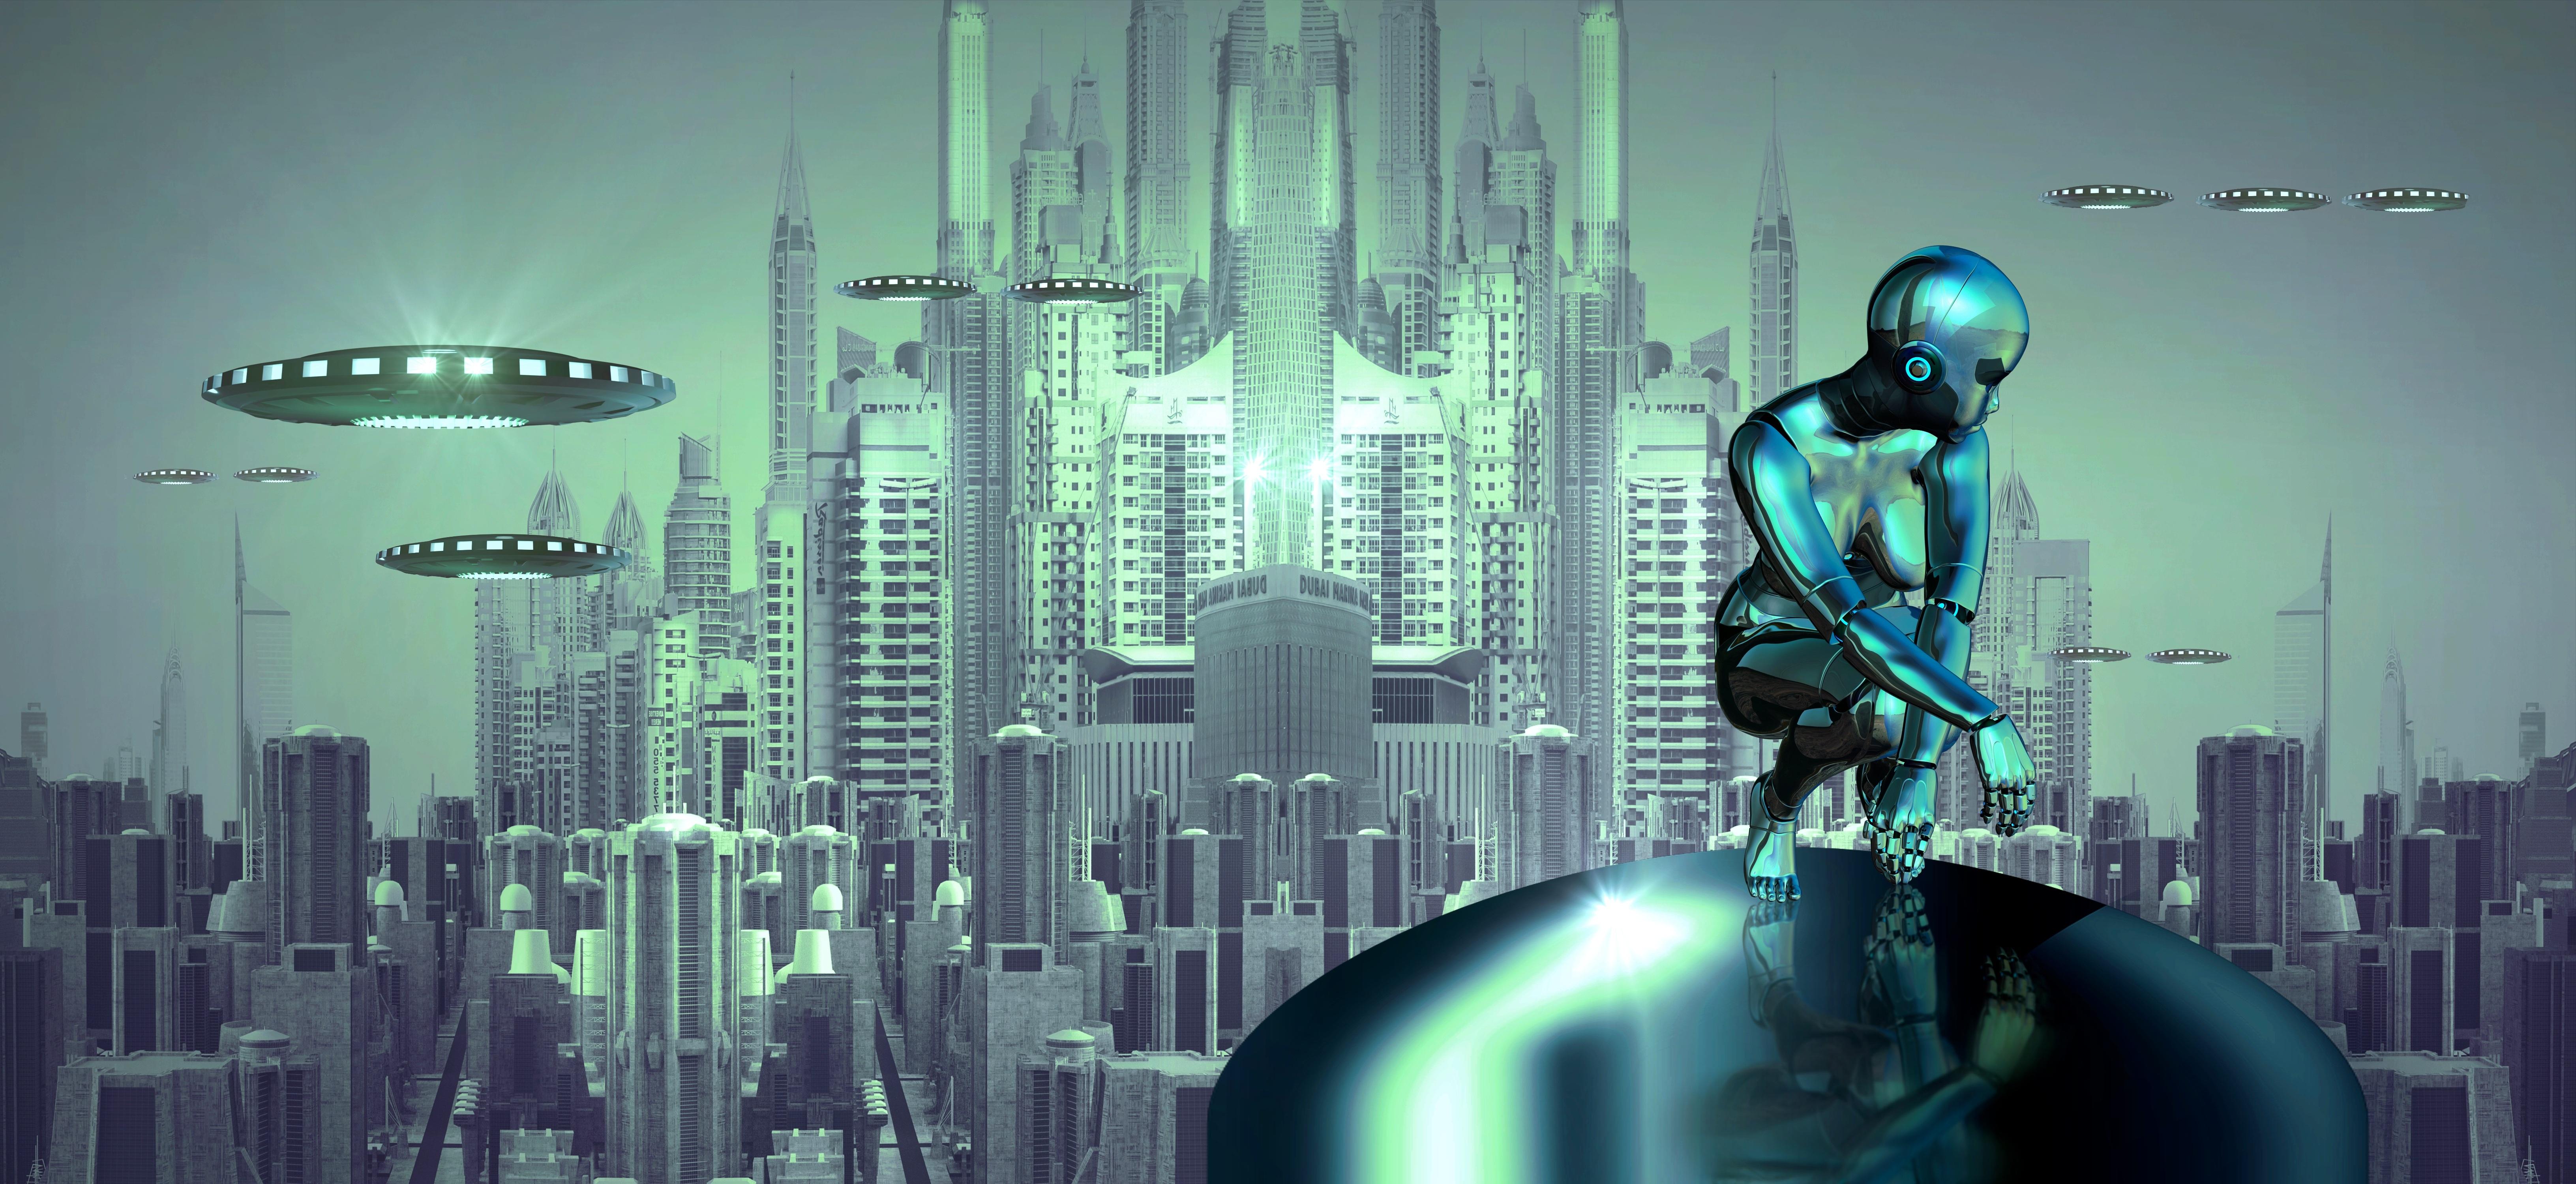 Alien City Silhouette